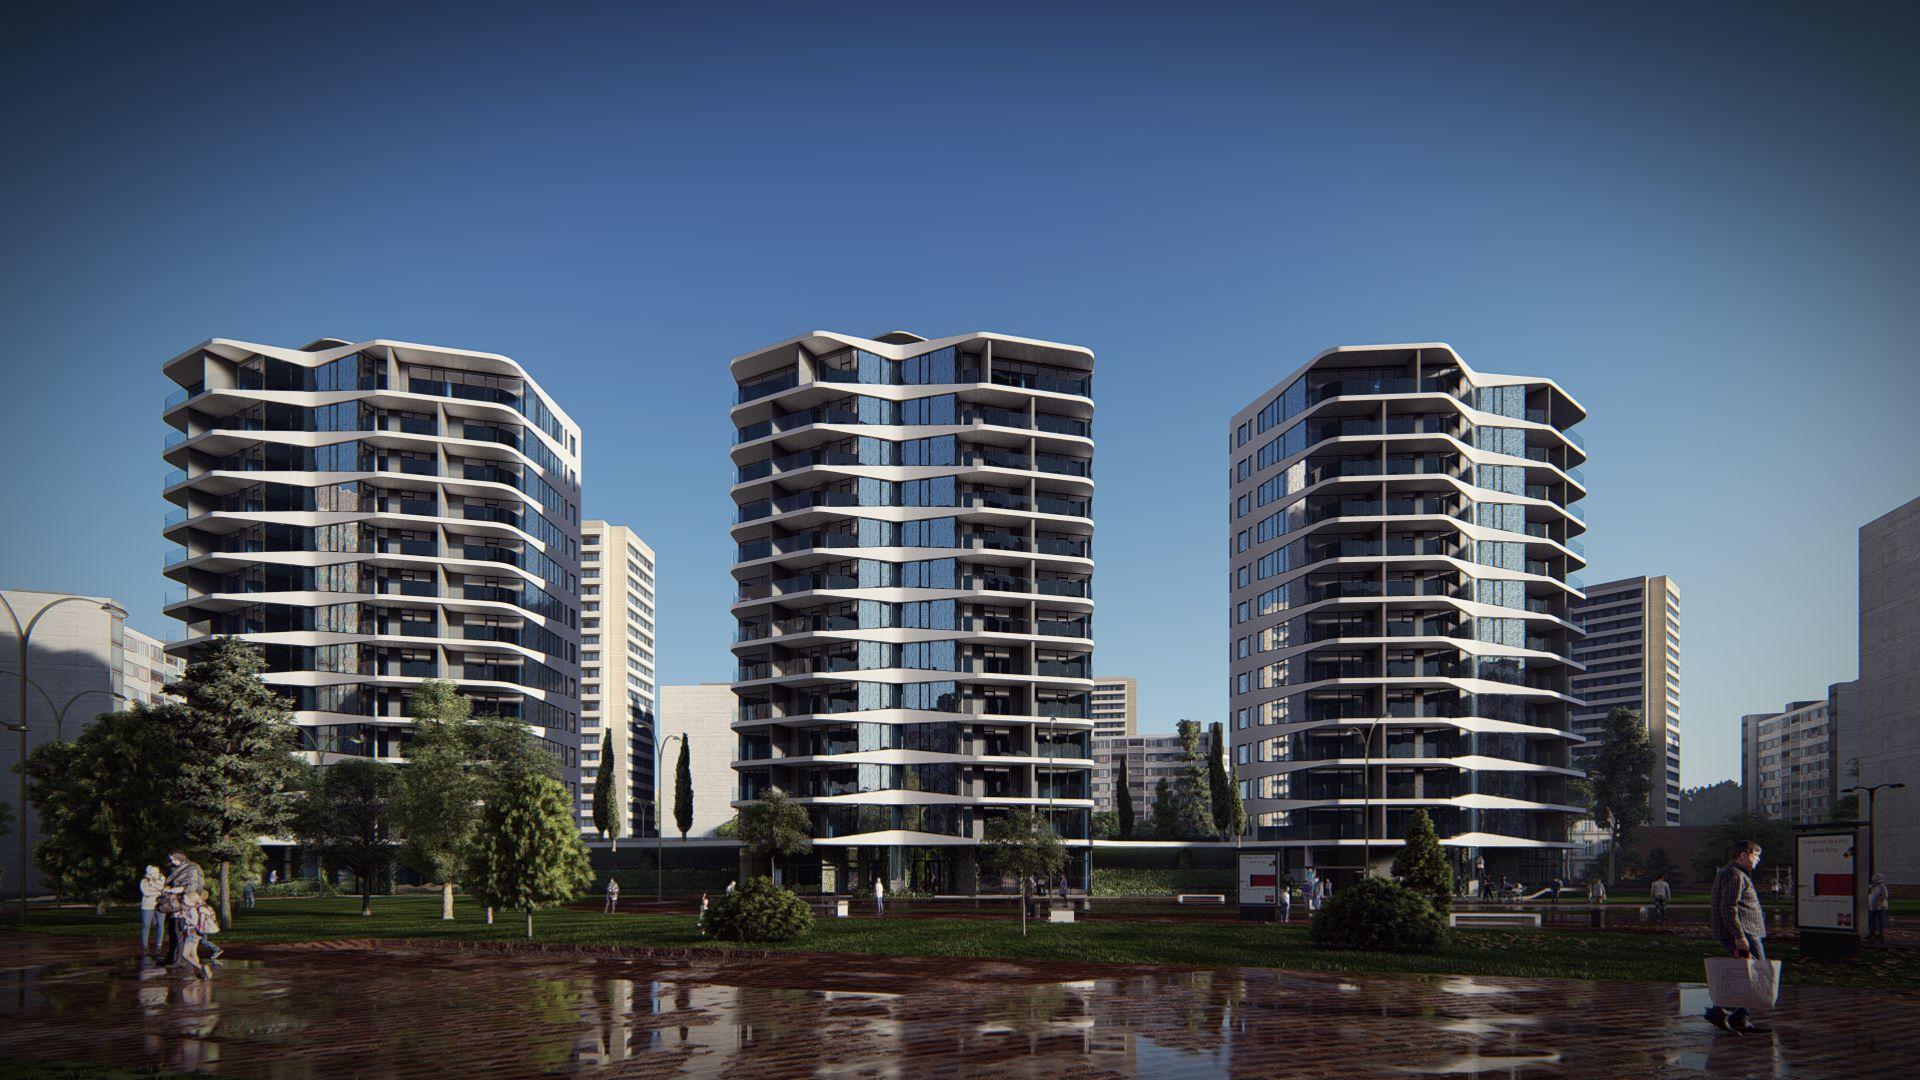 arhitektuurne 3d visualiseerimine skyline 5 5